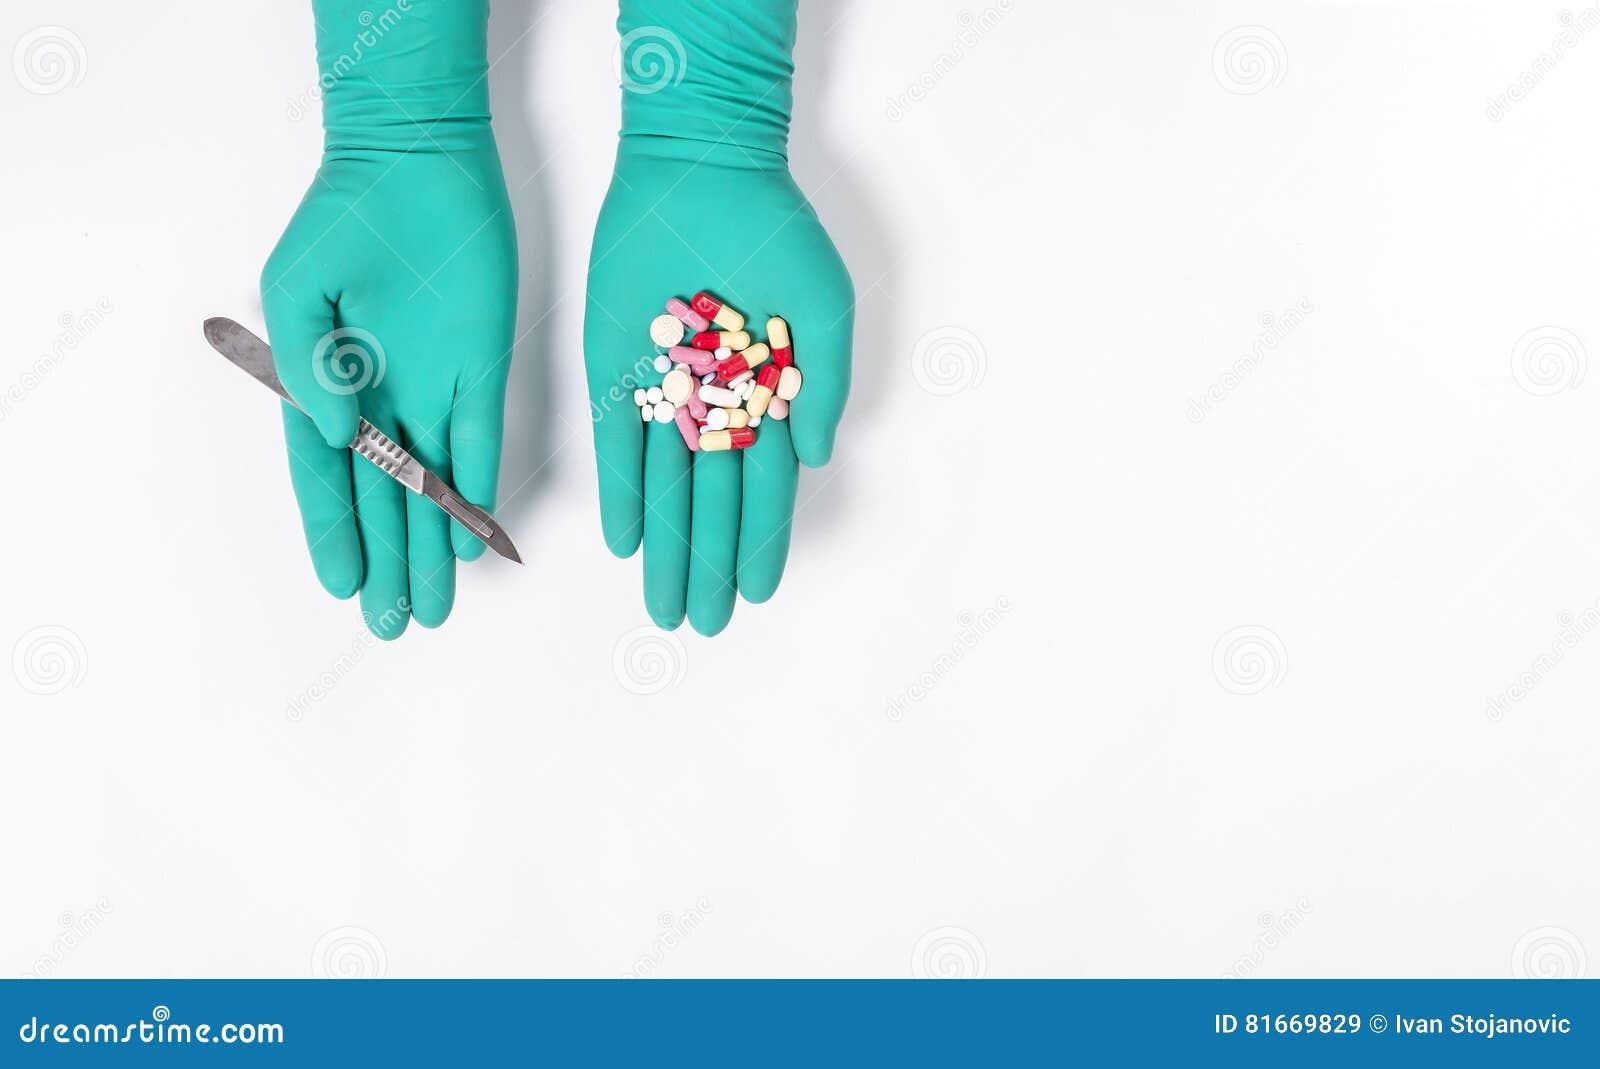 Chirurgische Oder ärztliche Behandlung Stockbild - Bild von anzeige ...